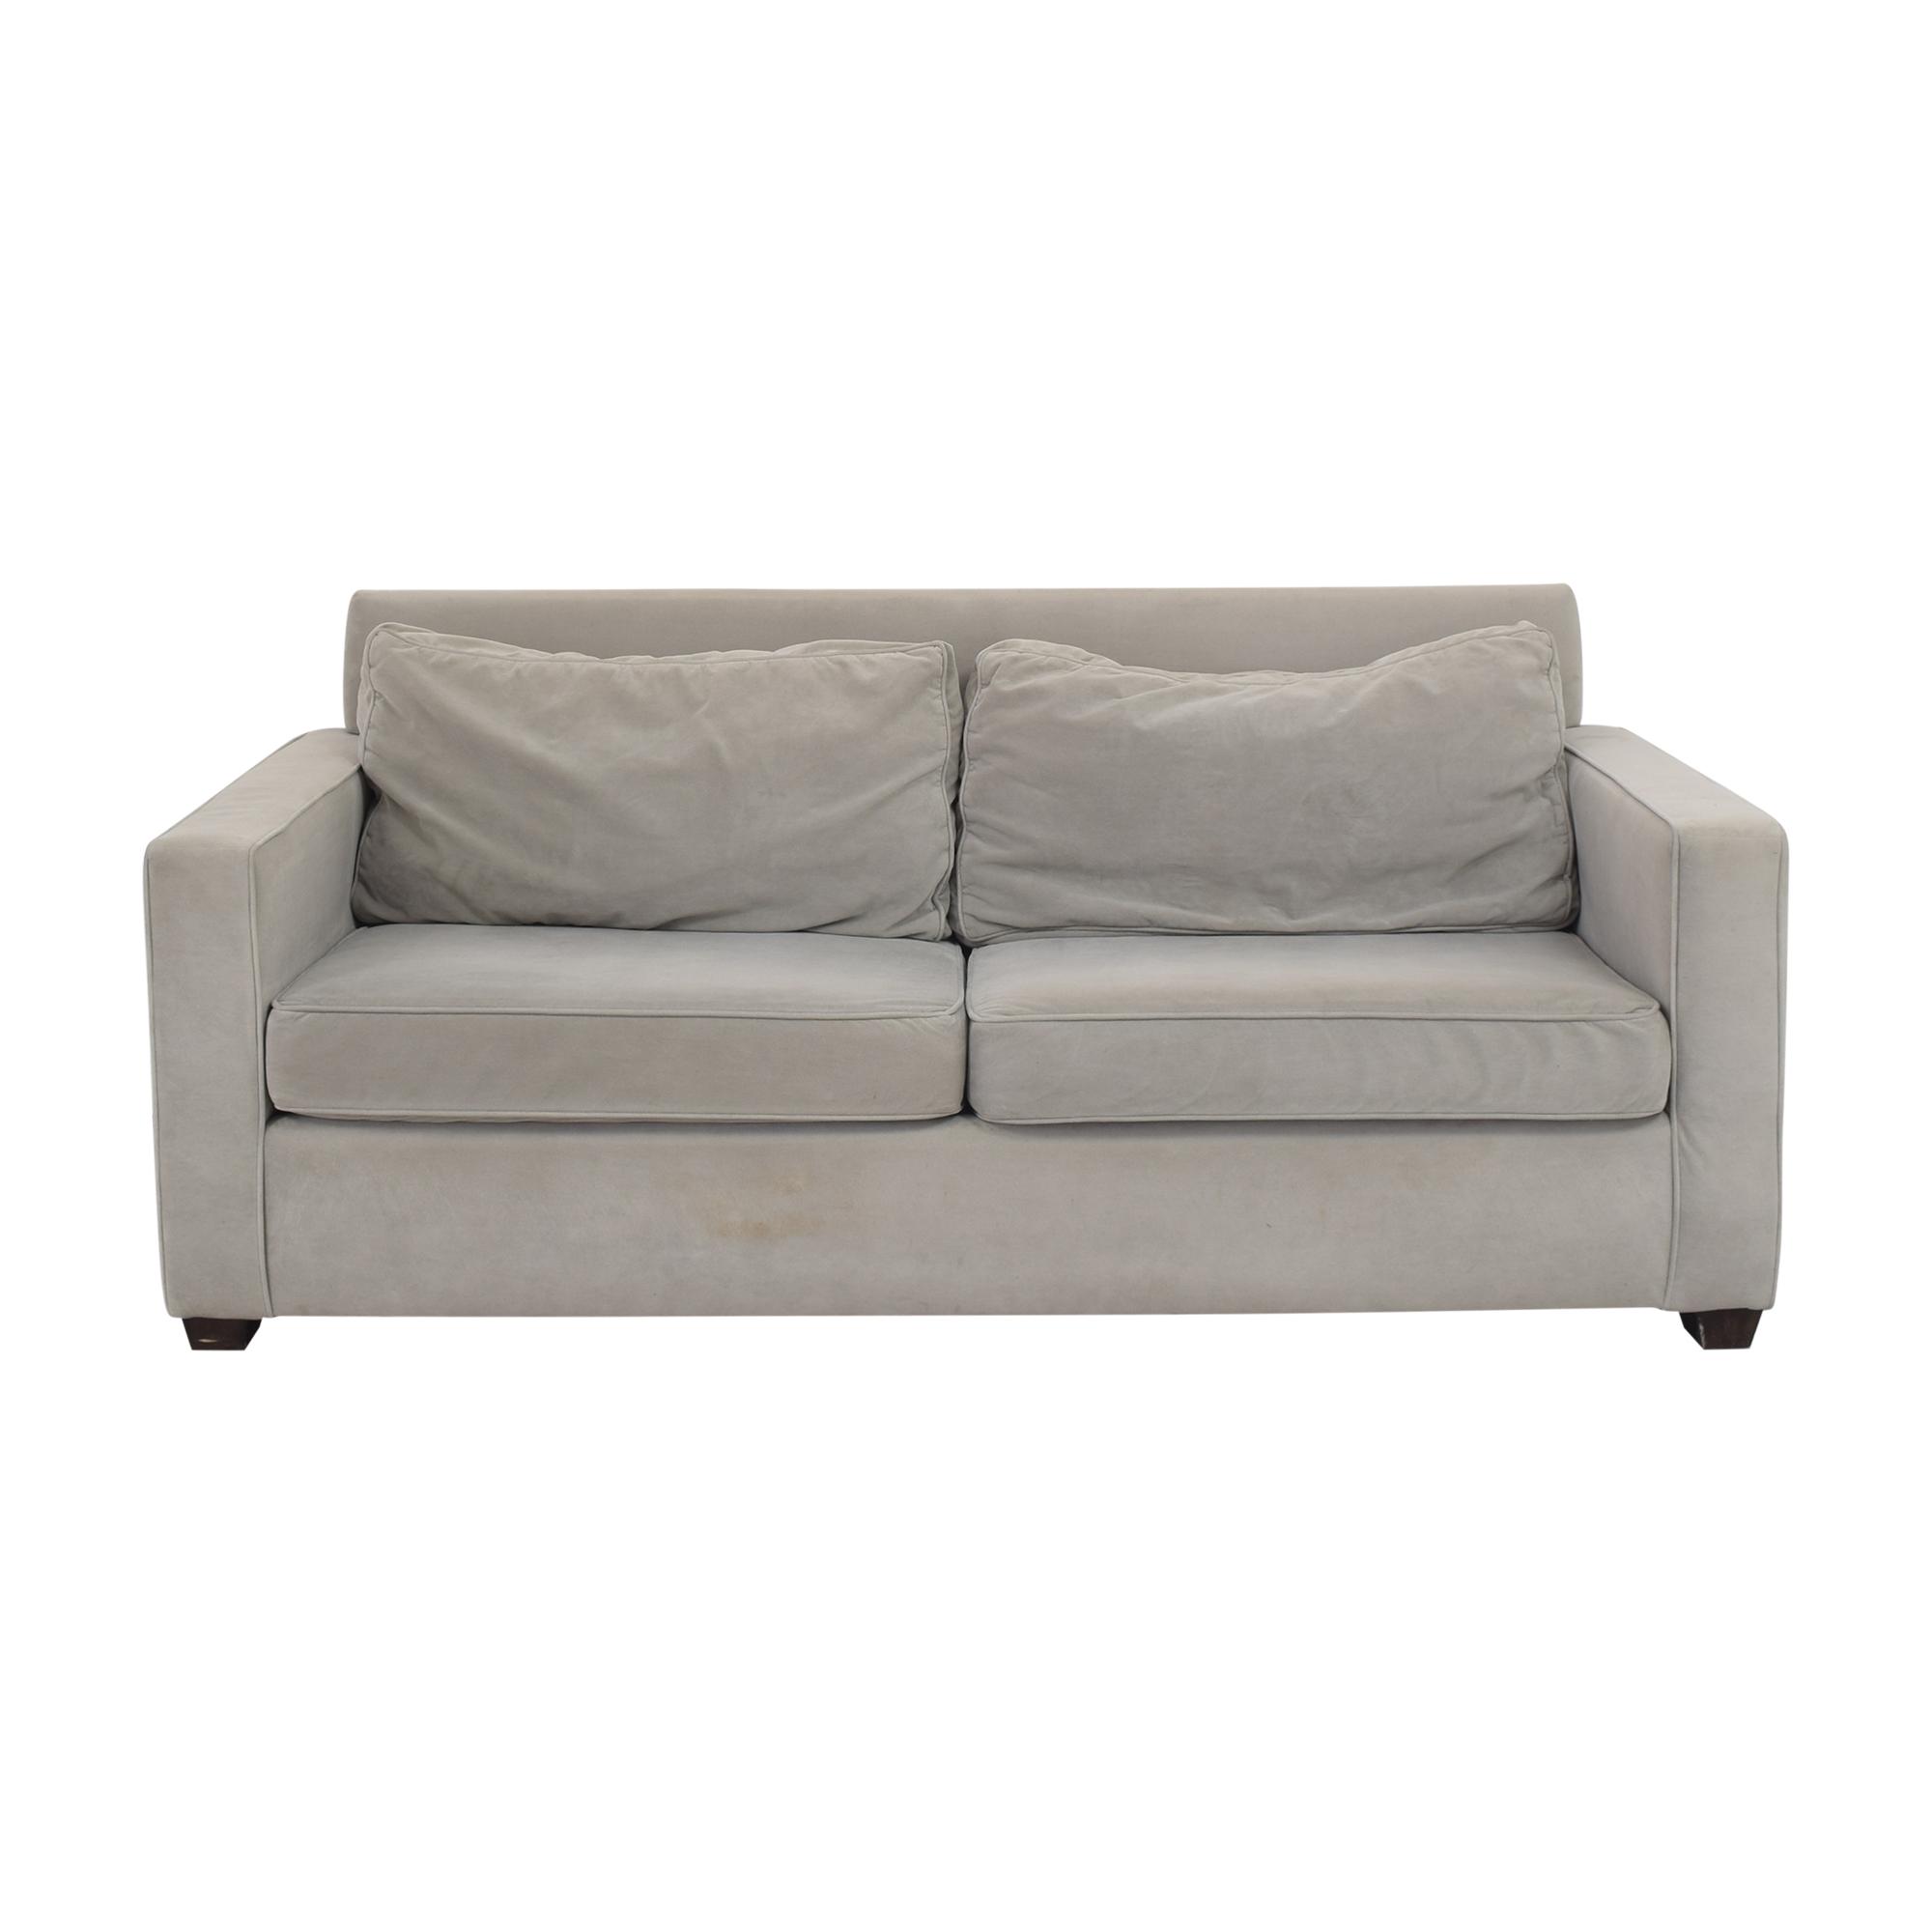 West Elm West Elm Henry Two Cushion Sofa grey